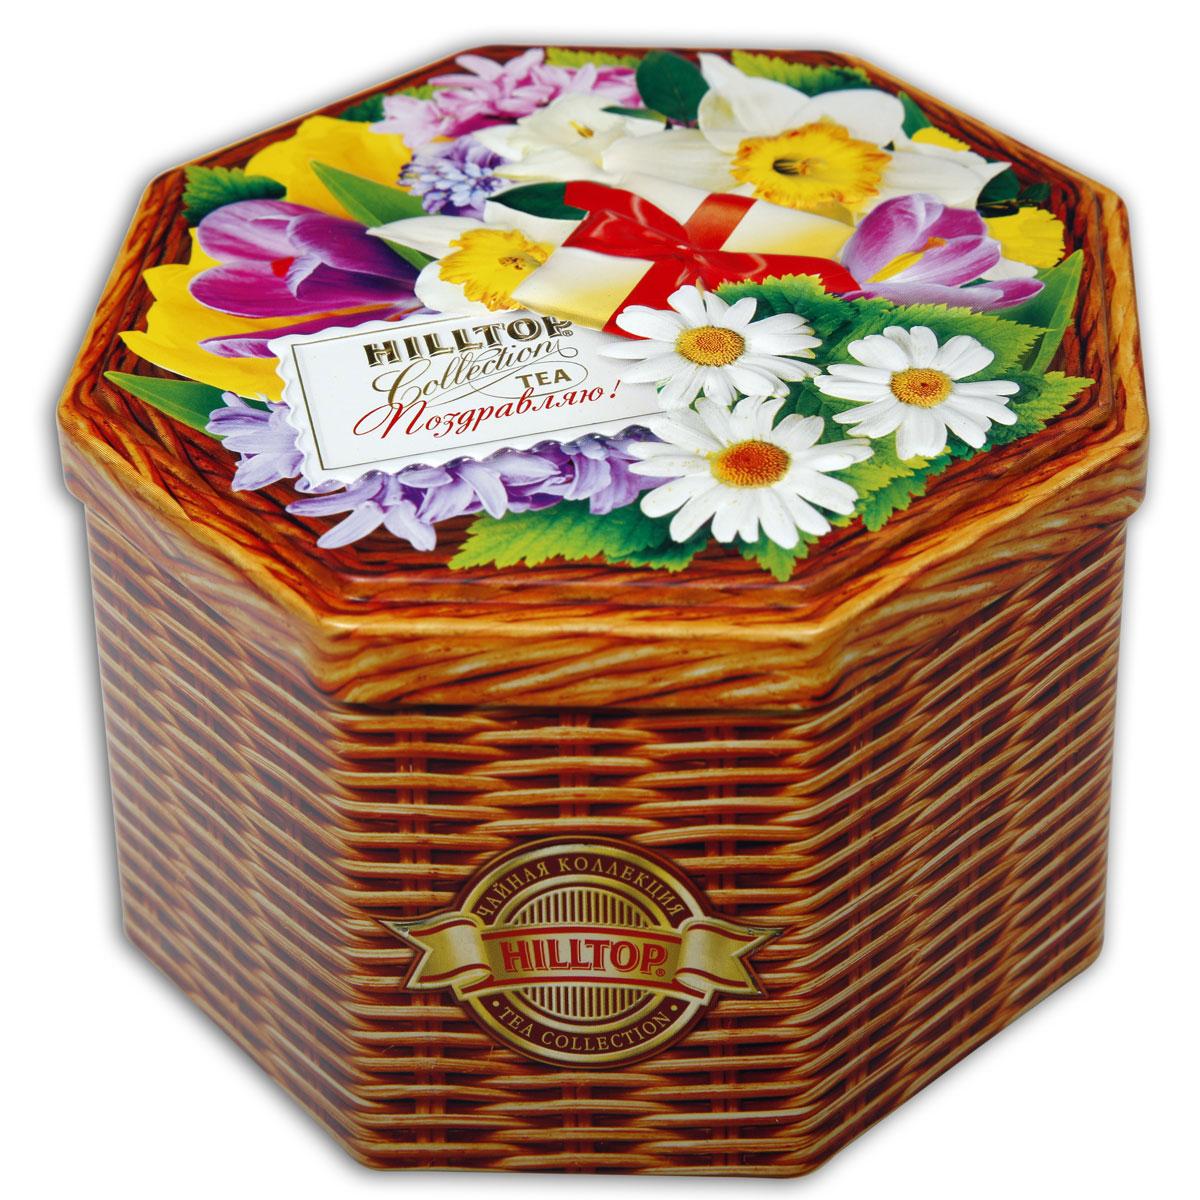 Hilltop Праздничный черный листовой чай, 150 г0120710Праздничный - крупнолистовой черный чай в сочетании с цветами календулы и василька спрятан в подарочной упаковке чая Hilltop в виде корзины с цветами. Смесь содержит сладкие цукаты манго и банана, и своим фруктовым ароматом согреет вас зимними вечерами. Необычный дизайн упаковки позволит украсить ваш дом или просто подарить ее близким на праздник!